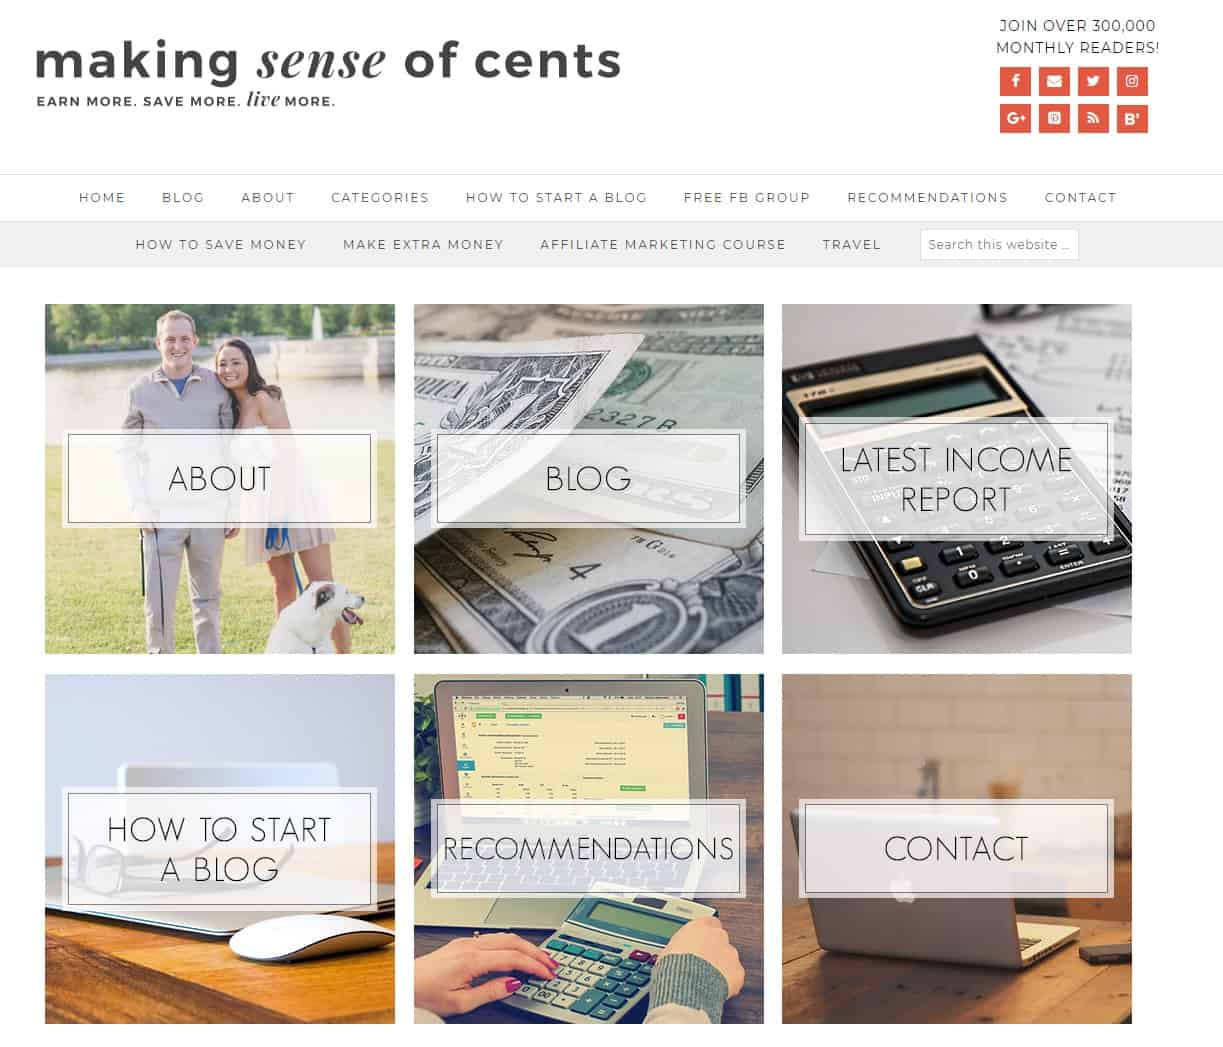 Financial niche site idea